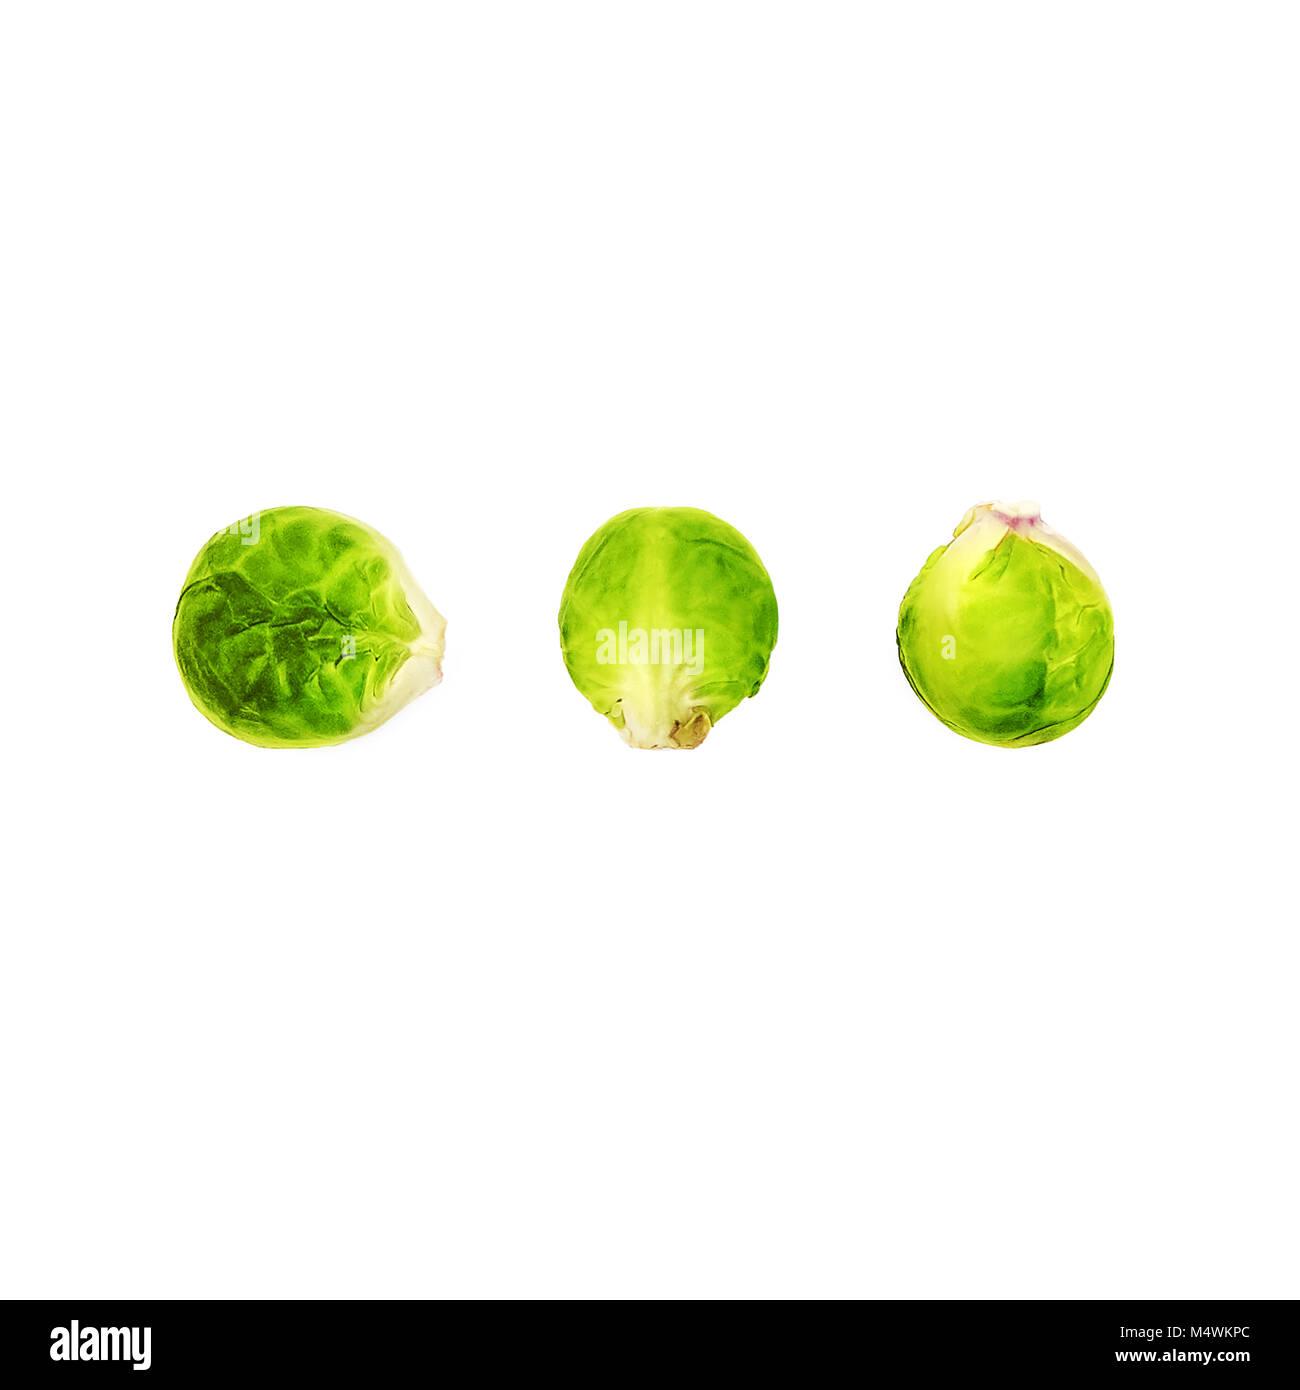 Rosenkohl Ansicht von Oben drei Früchte der Rosenkohl in einer Reihe auf einem weißen Hintergrund liegen Stockbild